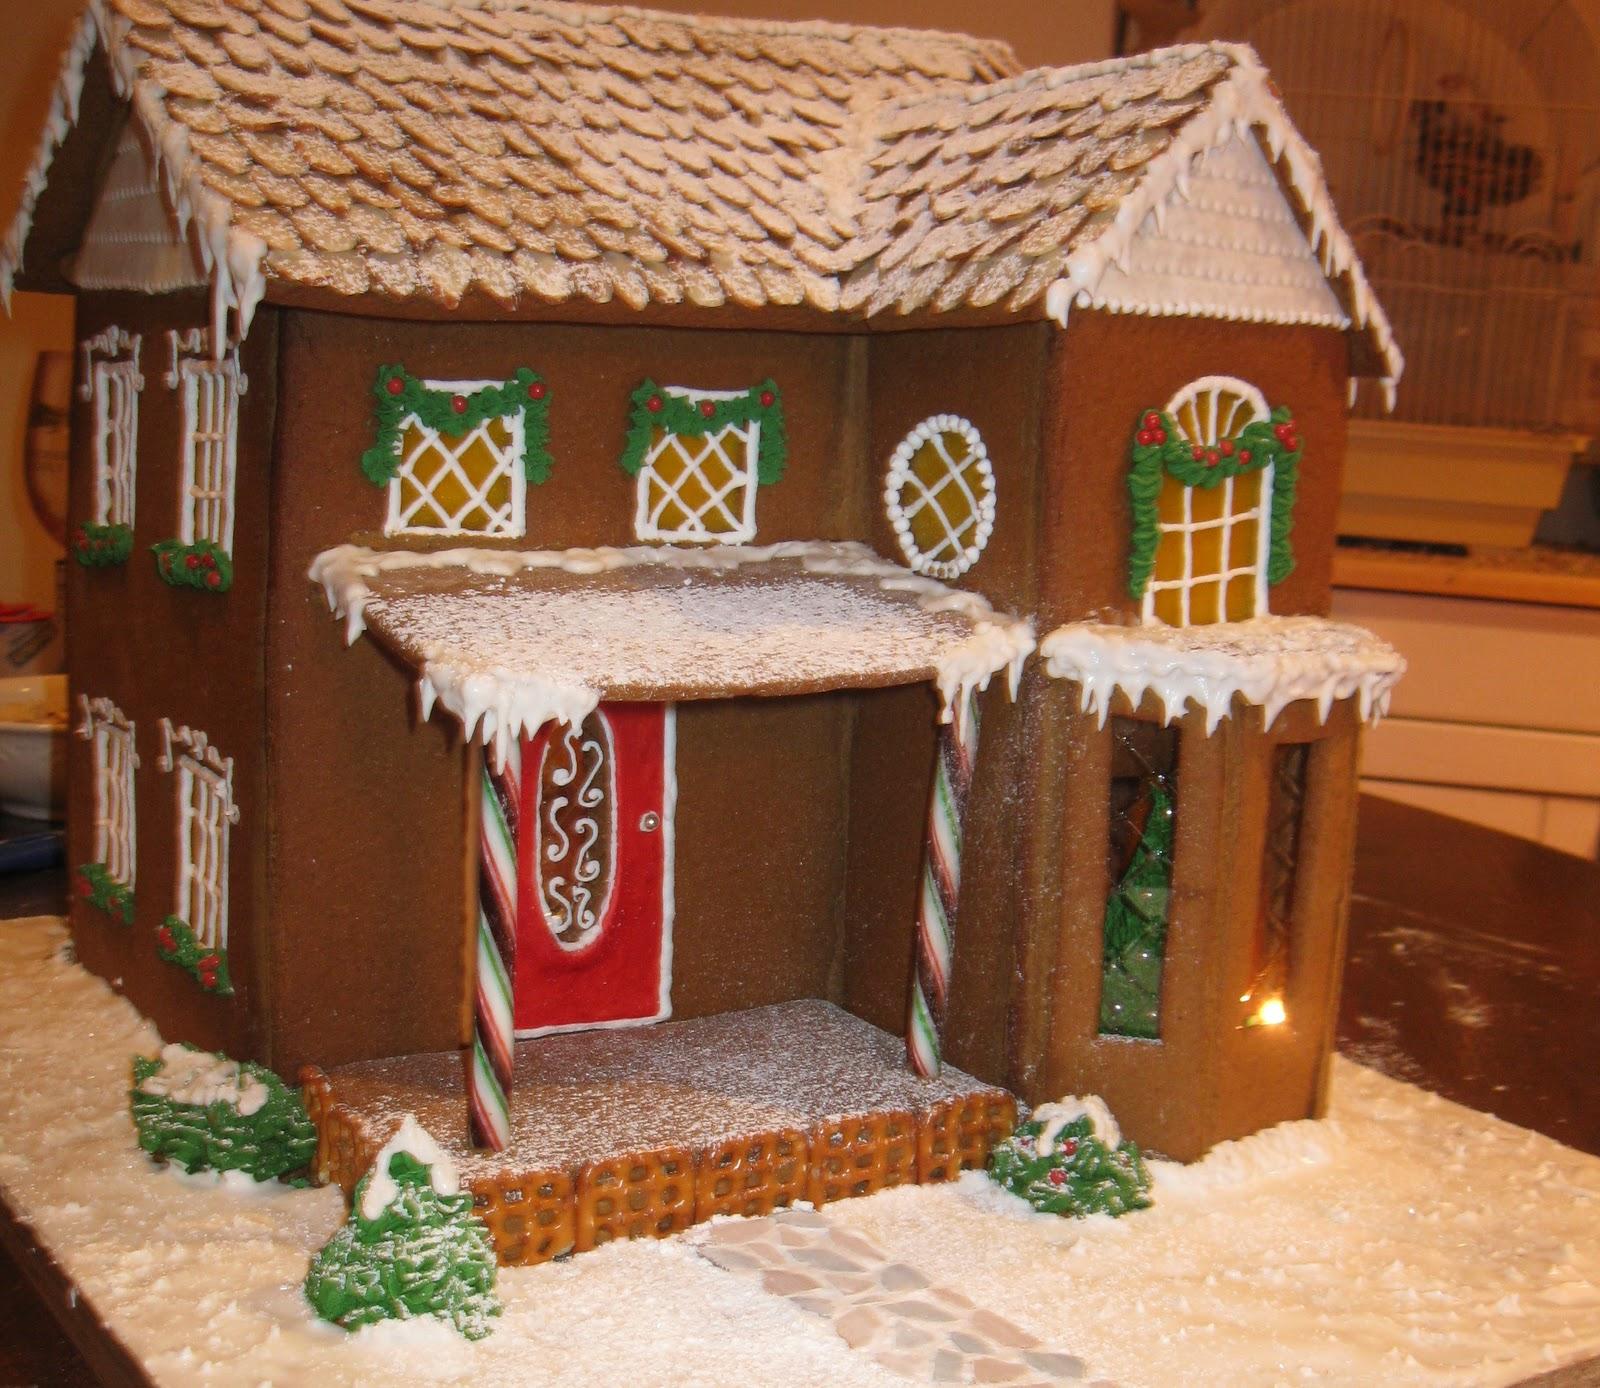 House Ideas: Baking Outside The Box: Gingerbread Houses